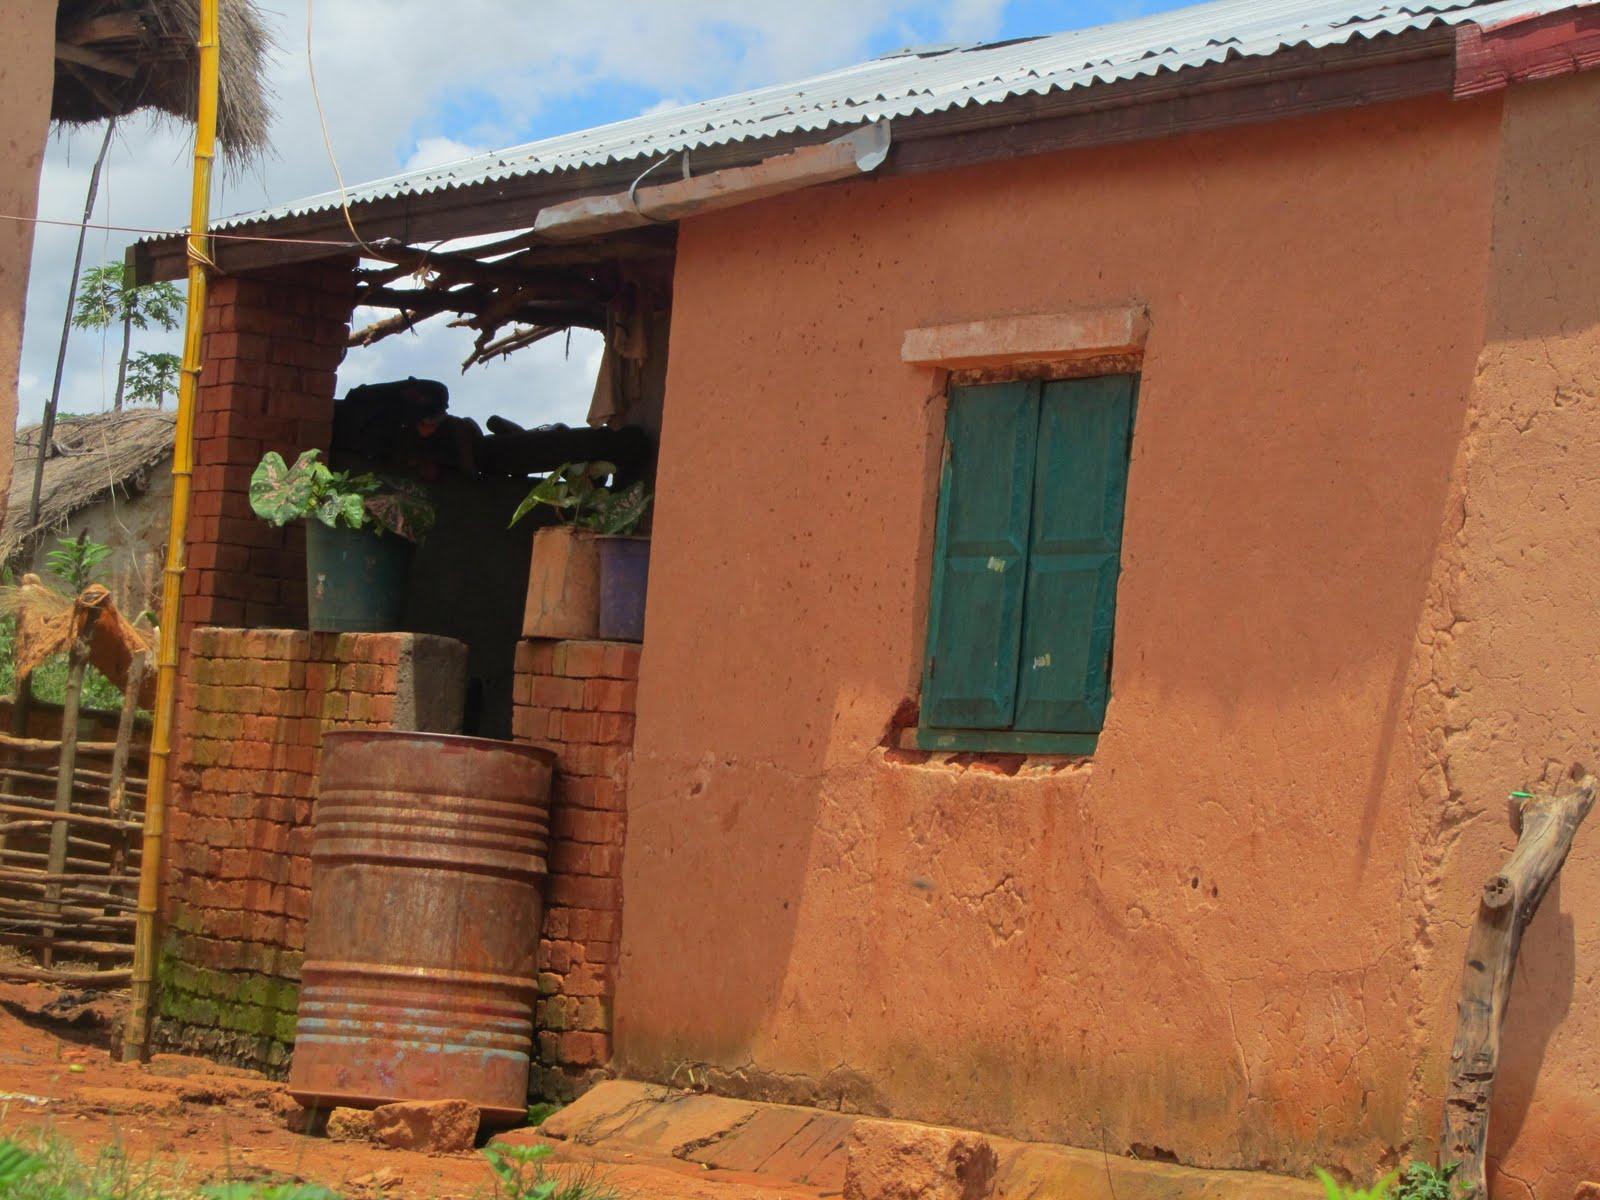 Commentaires la maison en pisé du petit paysan migrant moyen ouest on peut distinguer sur le toit en tôle la pièce en fer blanc qui récupère l eau